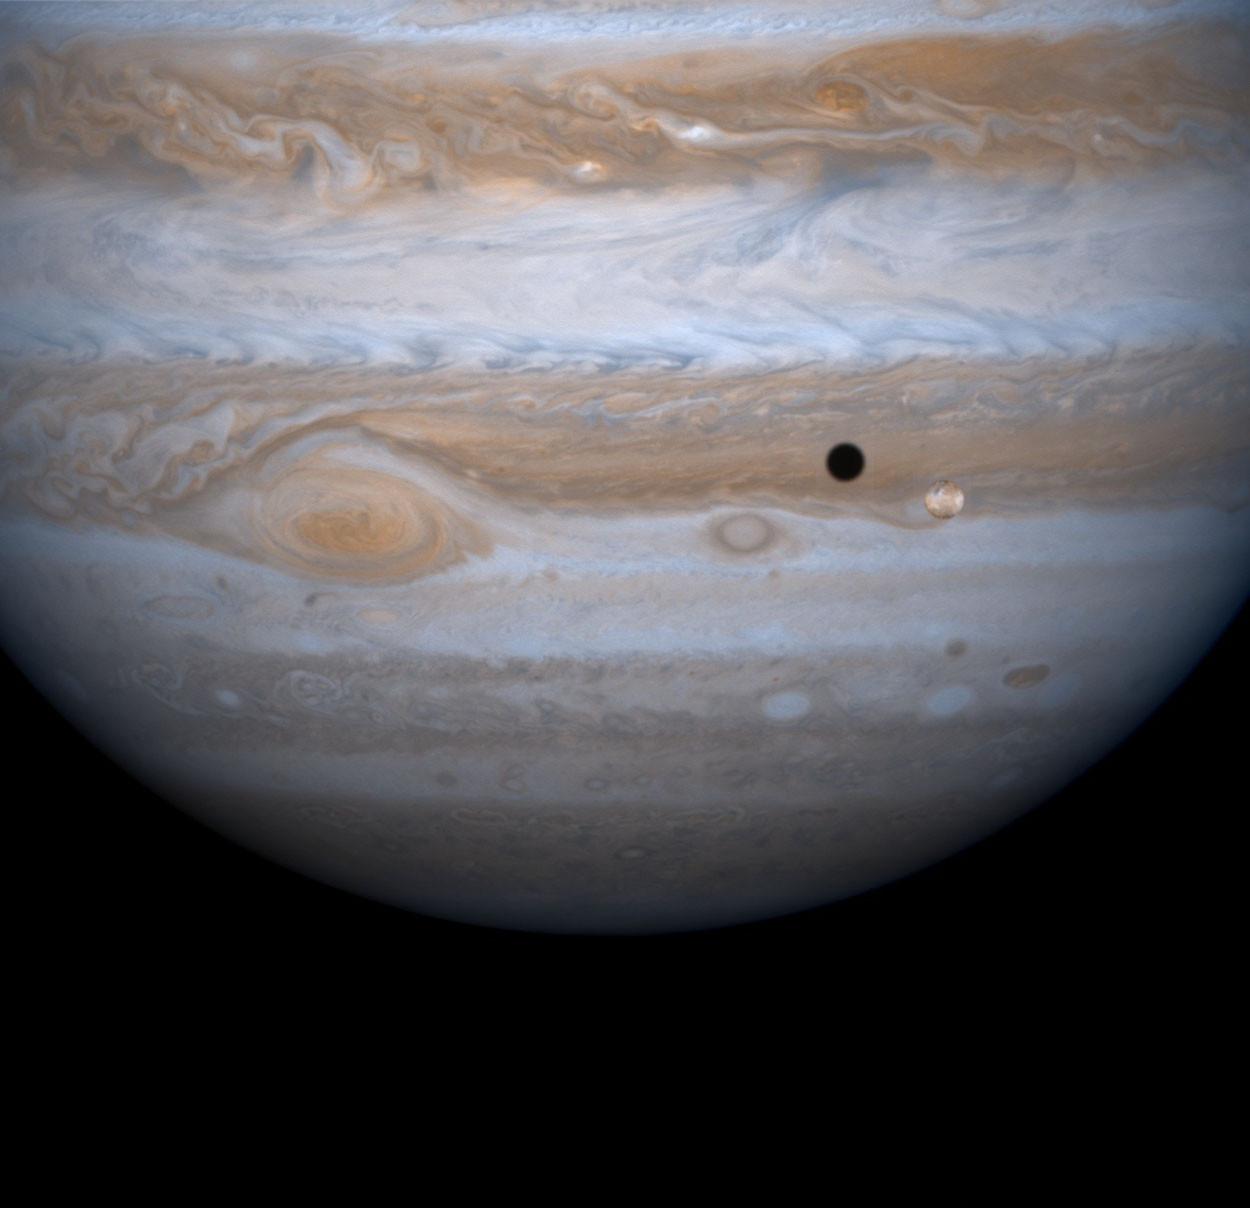 Pode ajudar a escolher os nomes de luas de Júpiter